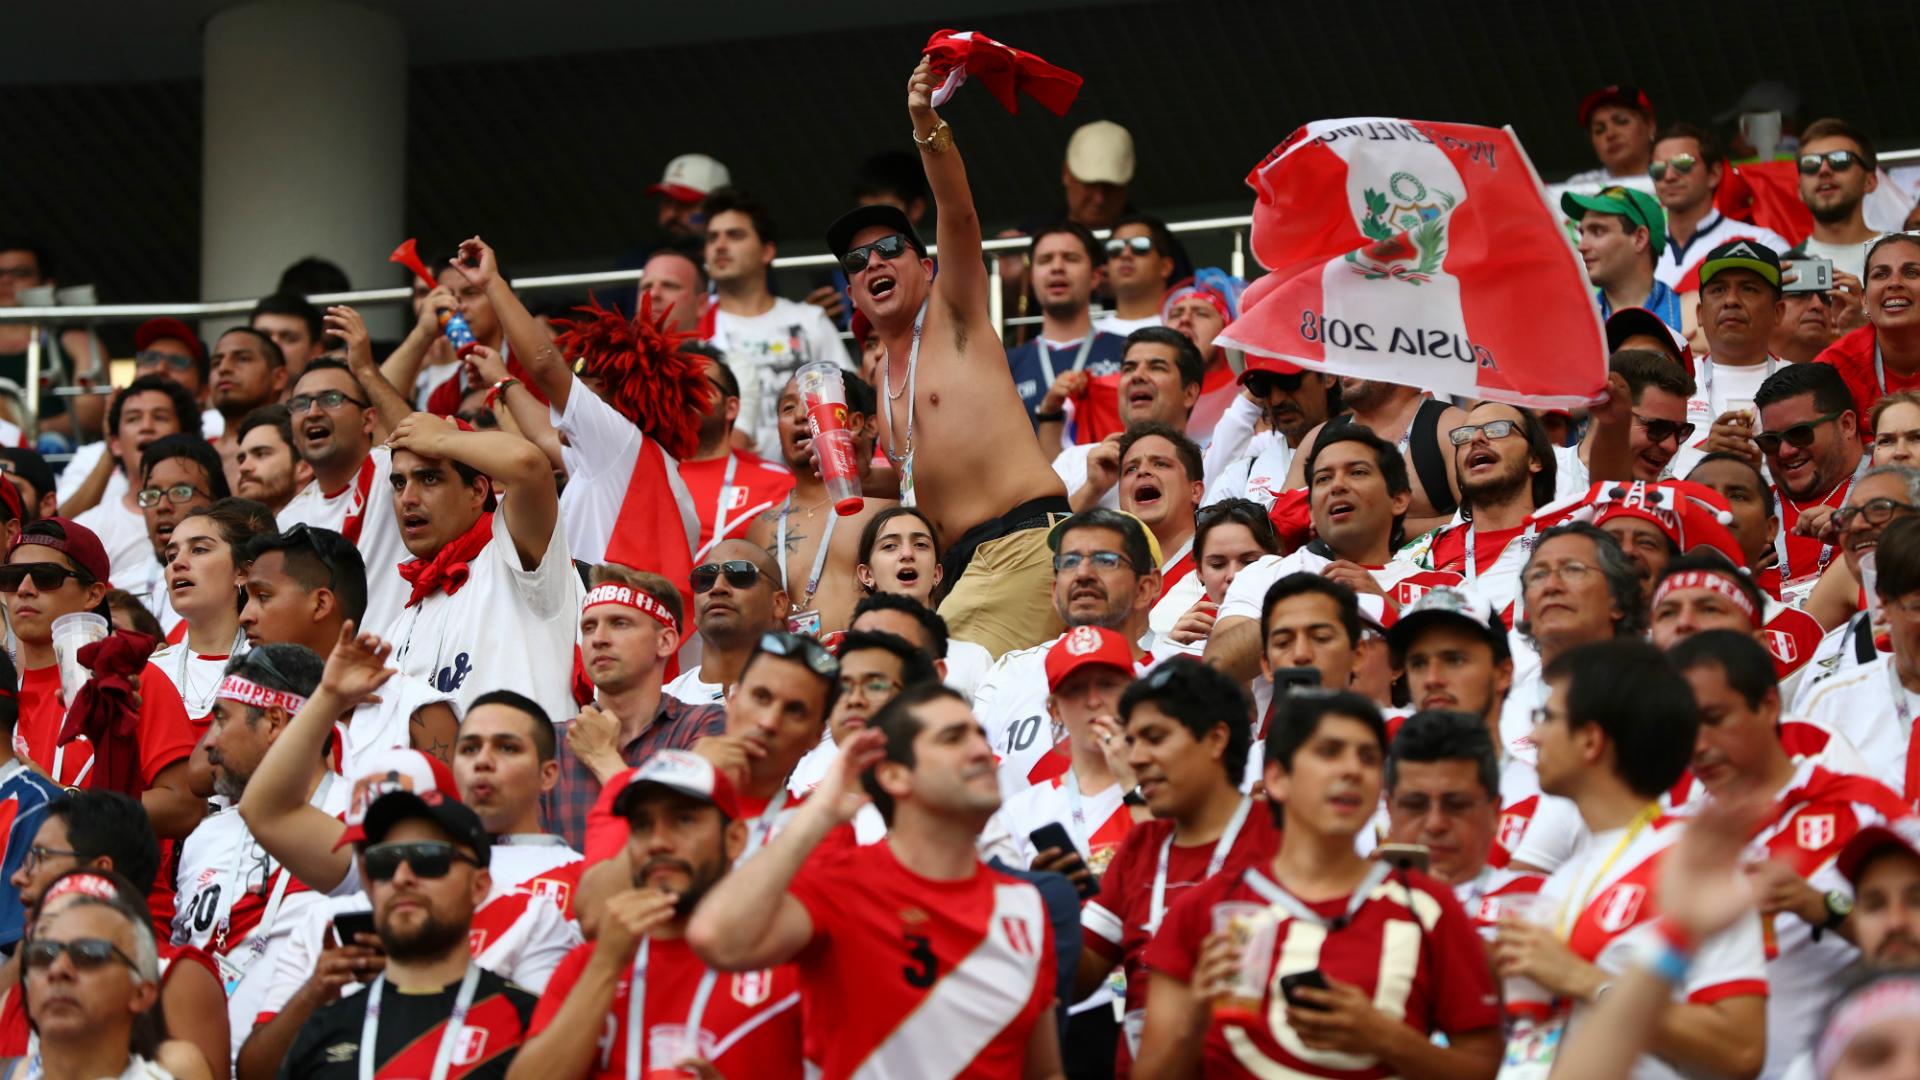 Perú fans